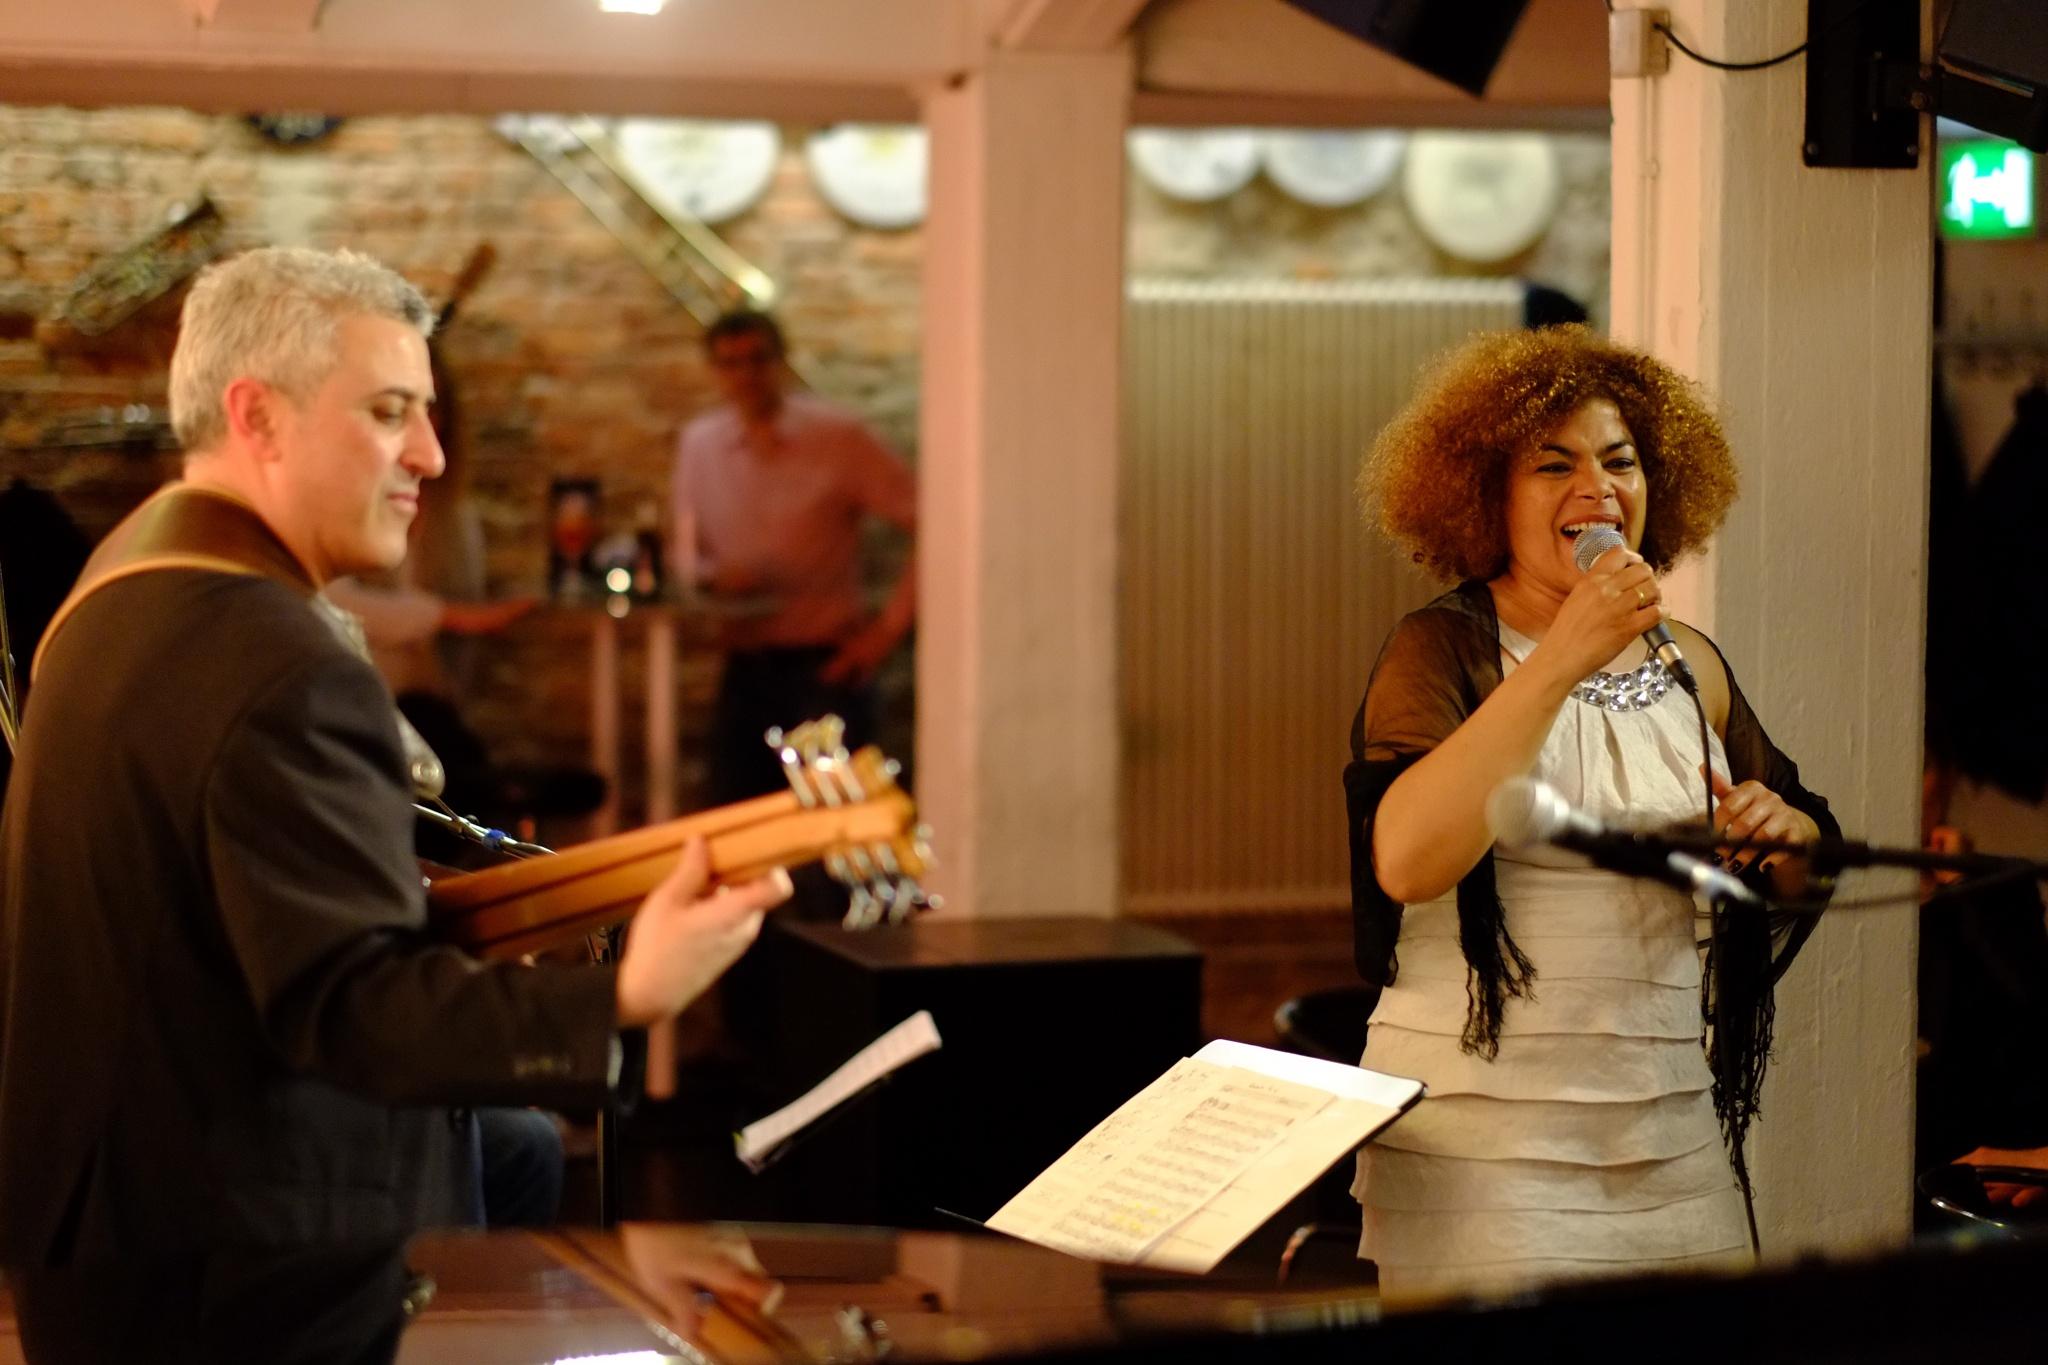 Latin Jazz by peterkryzun